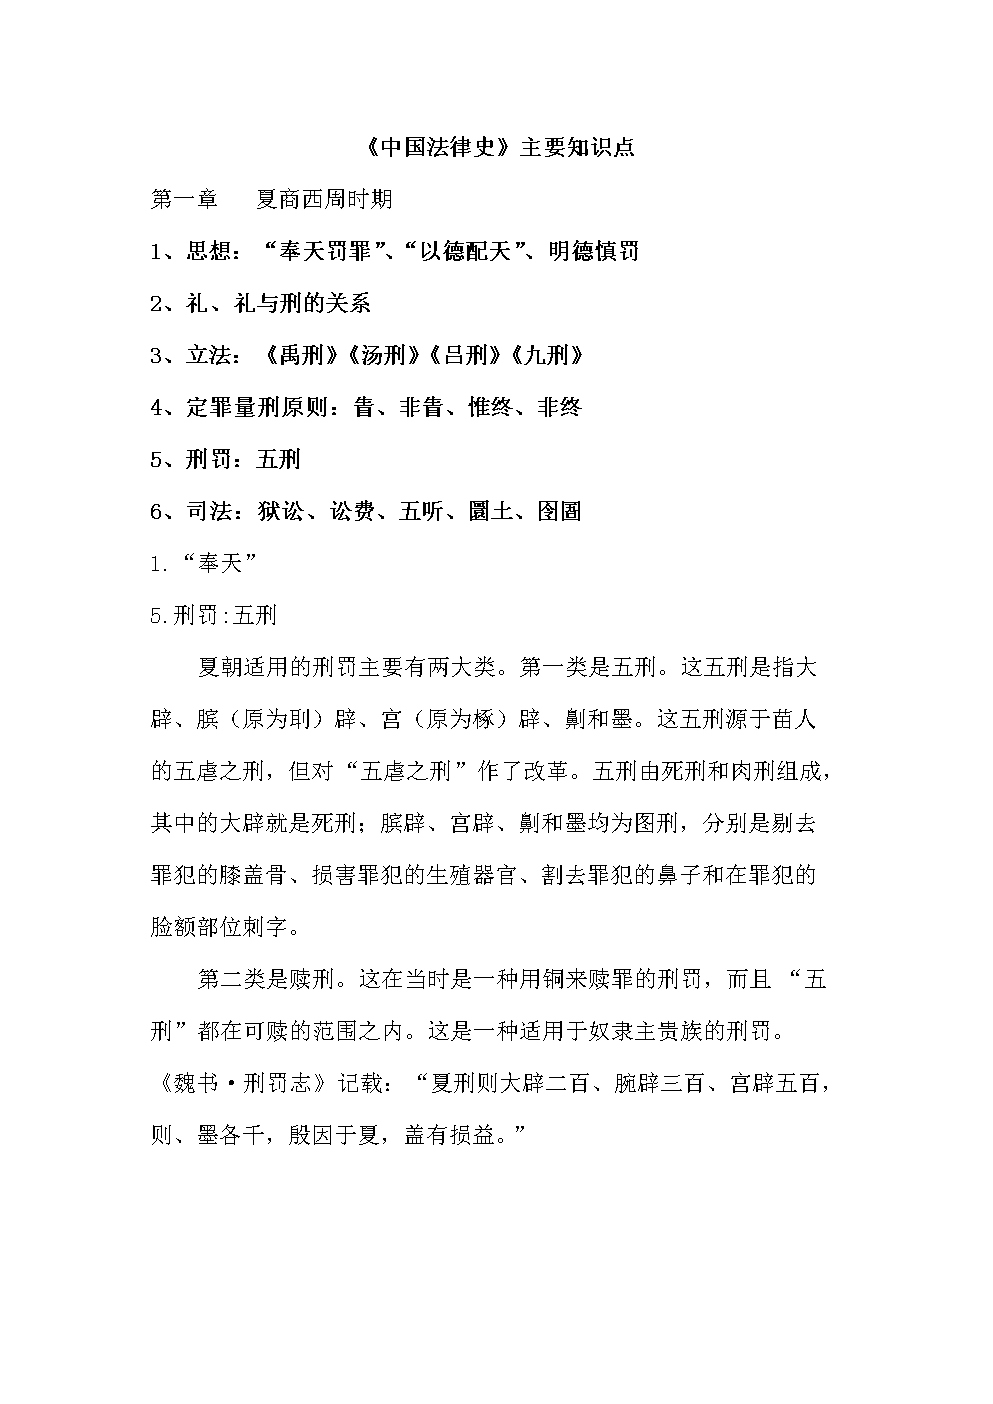 中国法制史主要知识点.docx